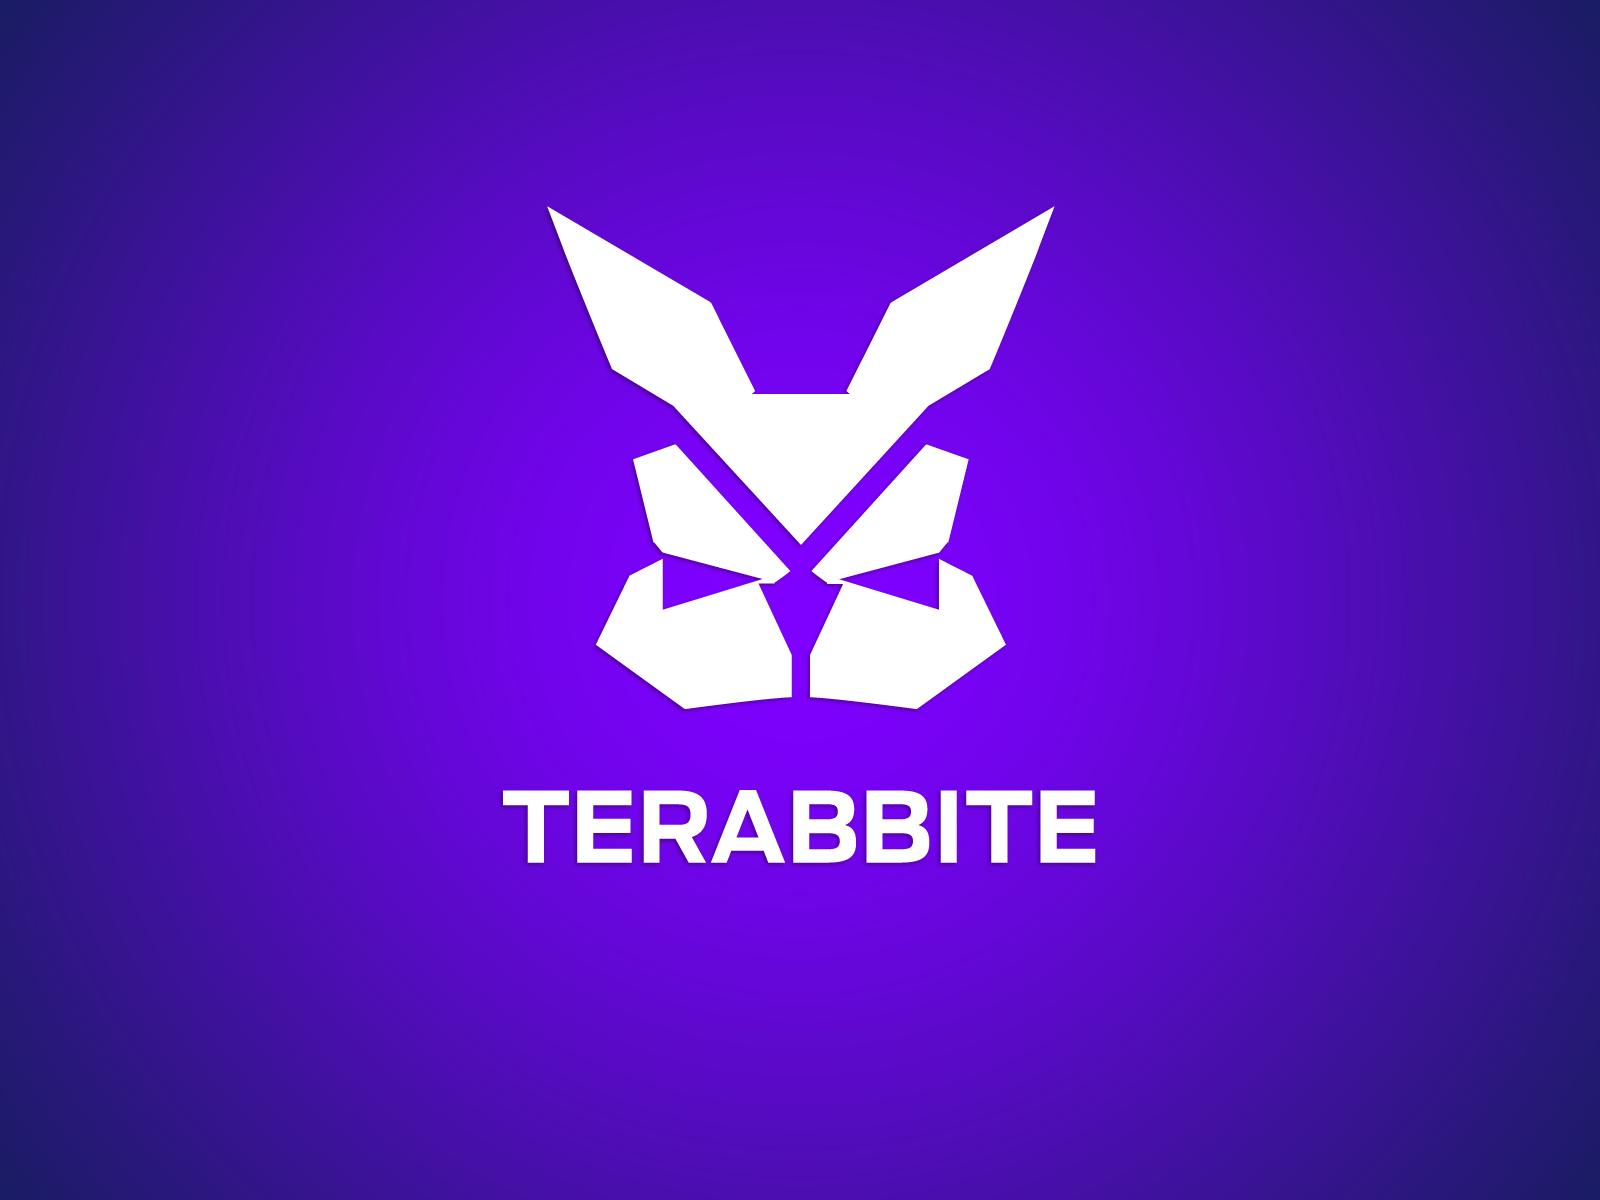 Terabbite Logotype / concept